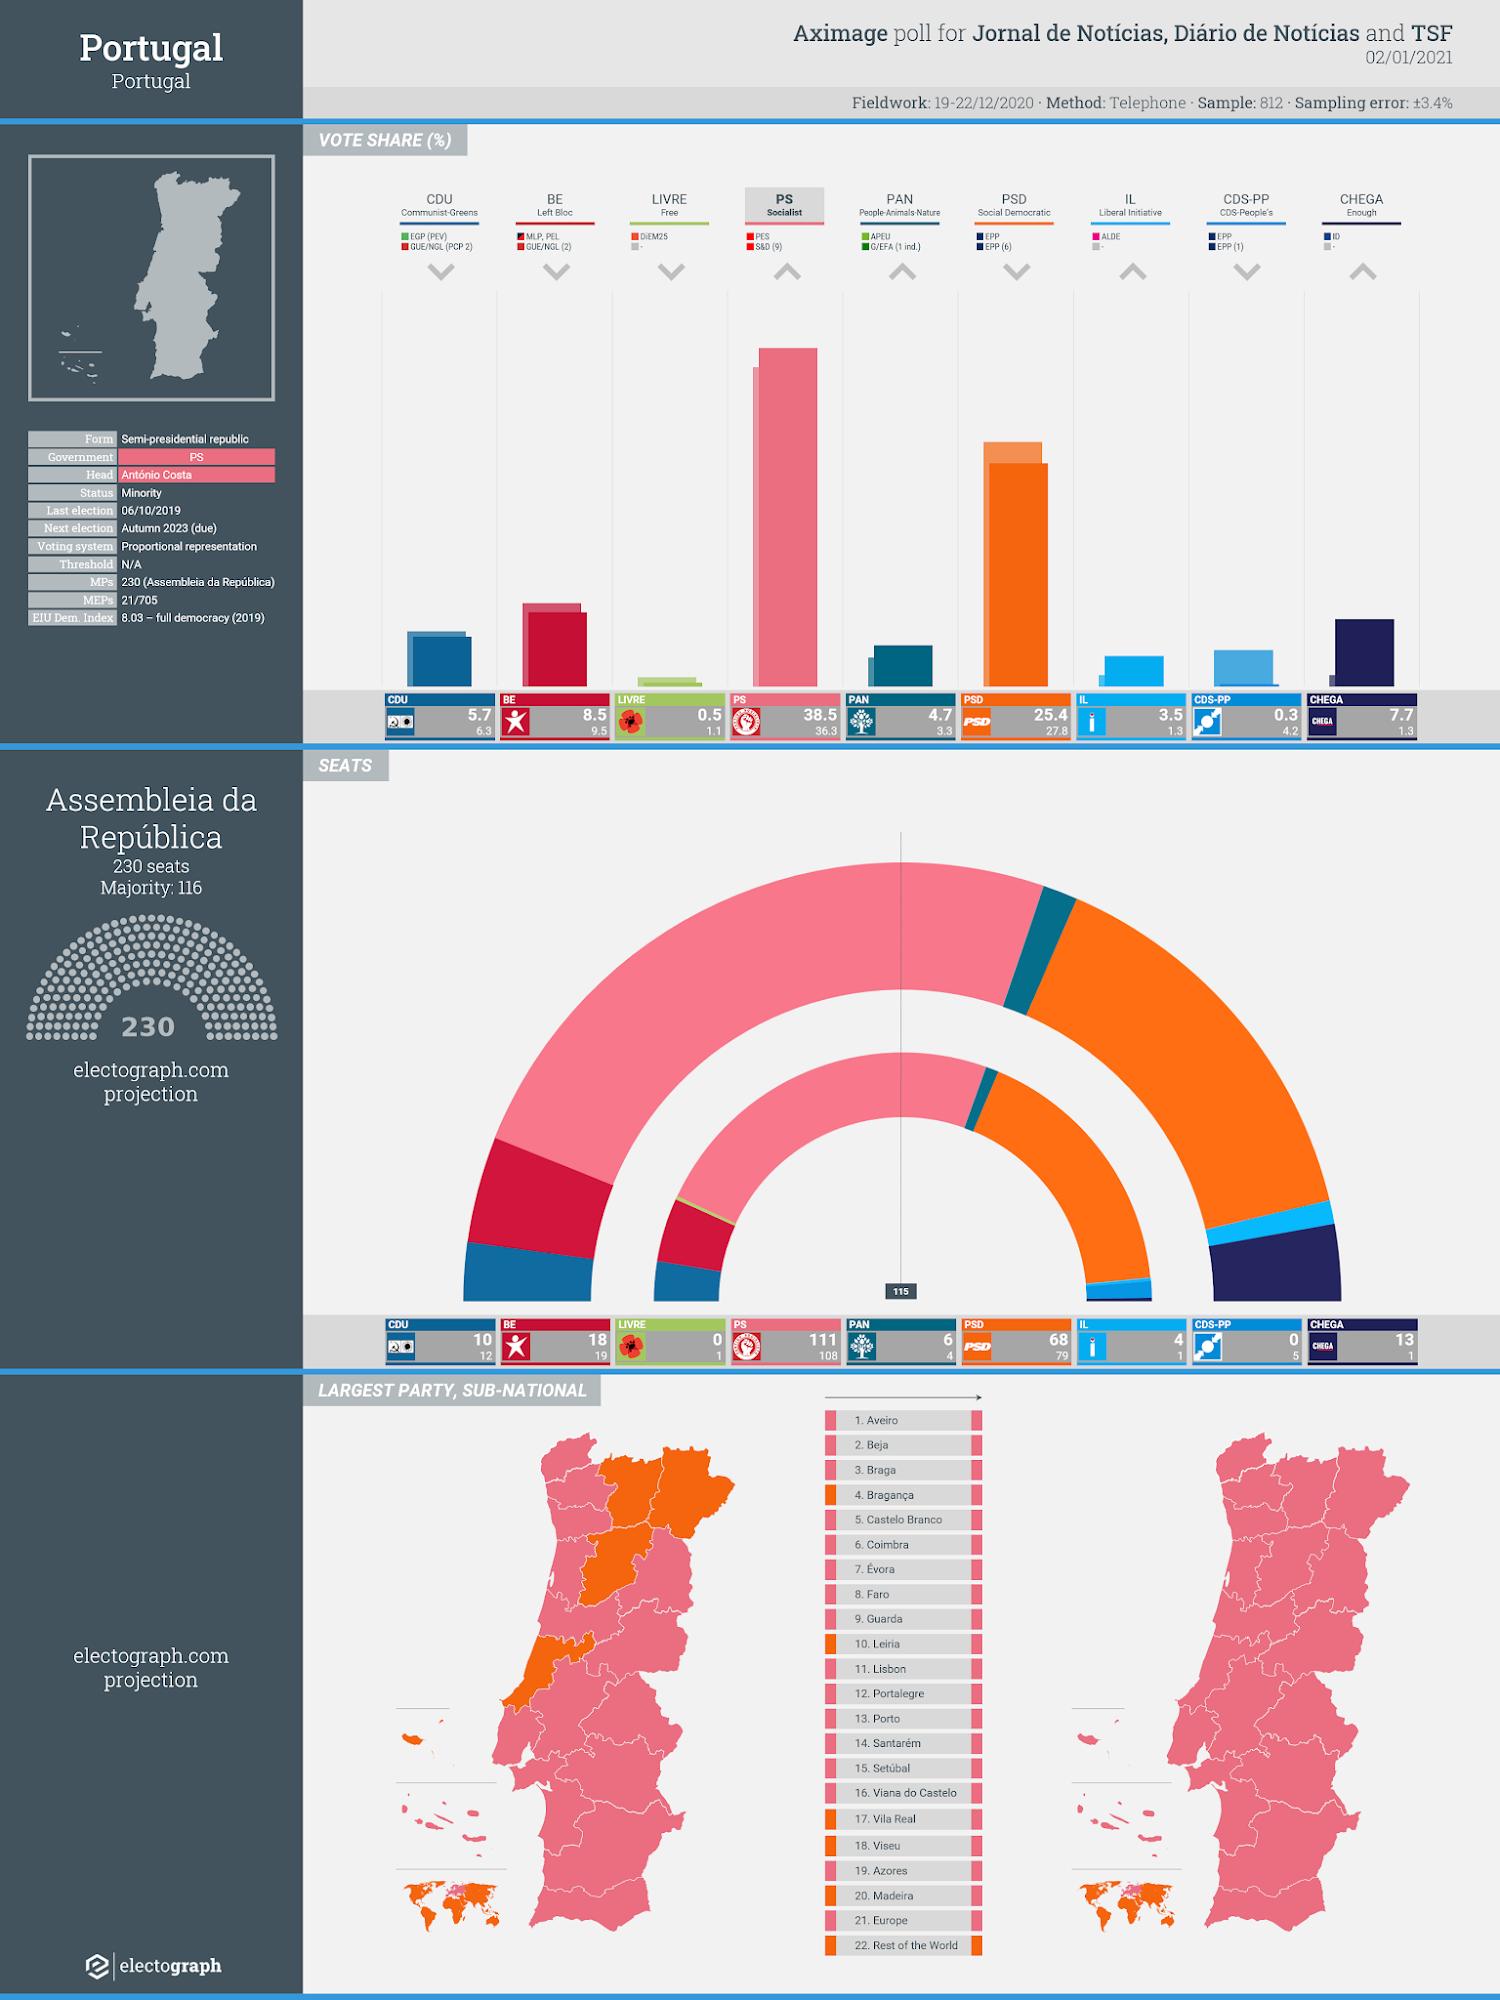 PORTUGAL: Aximage poll chart for Jornal de Notícias, Diário de Notícias and TSF, 2 January 2021